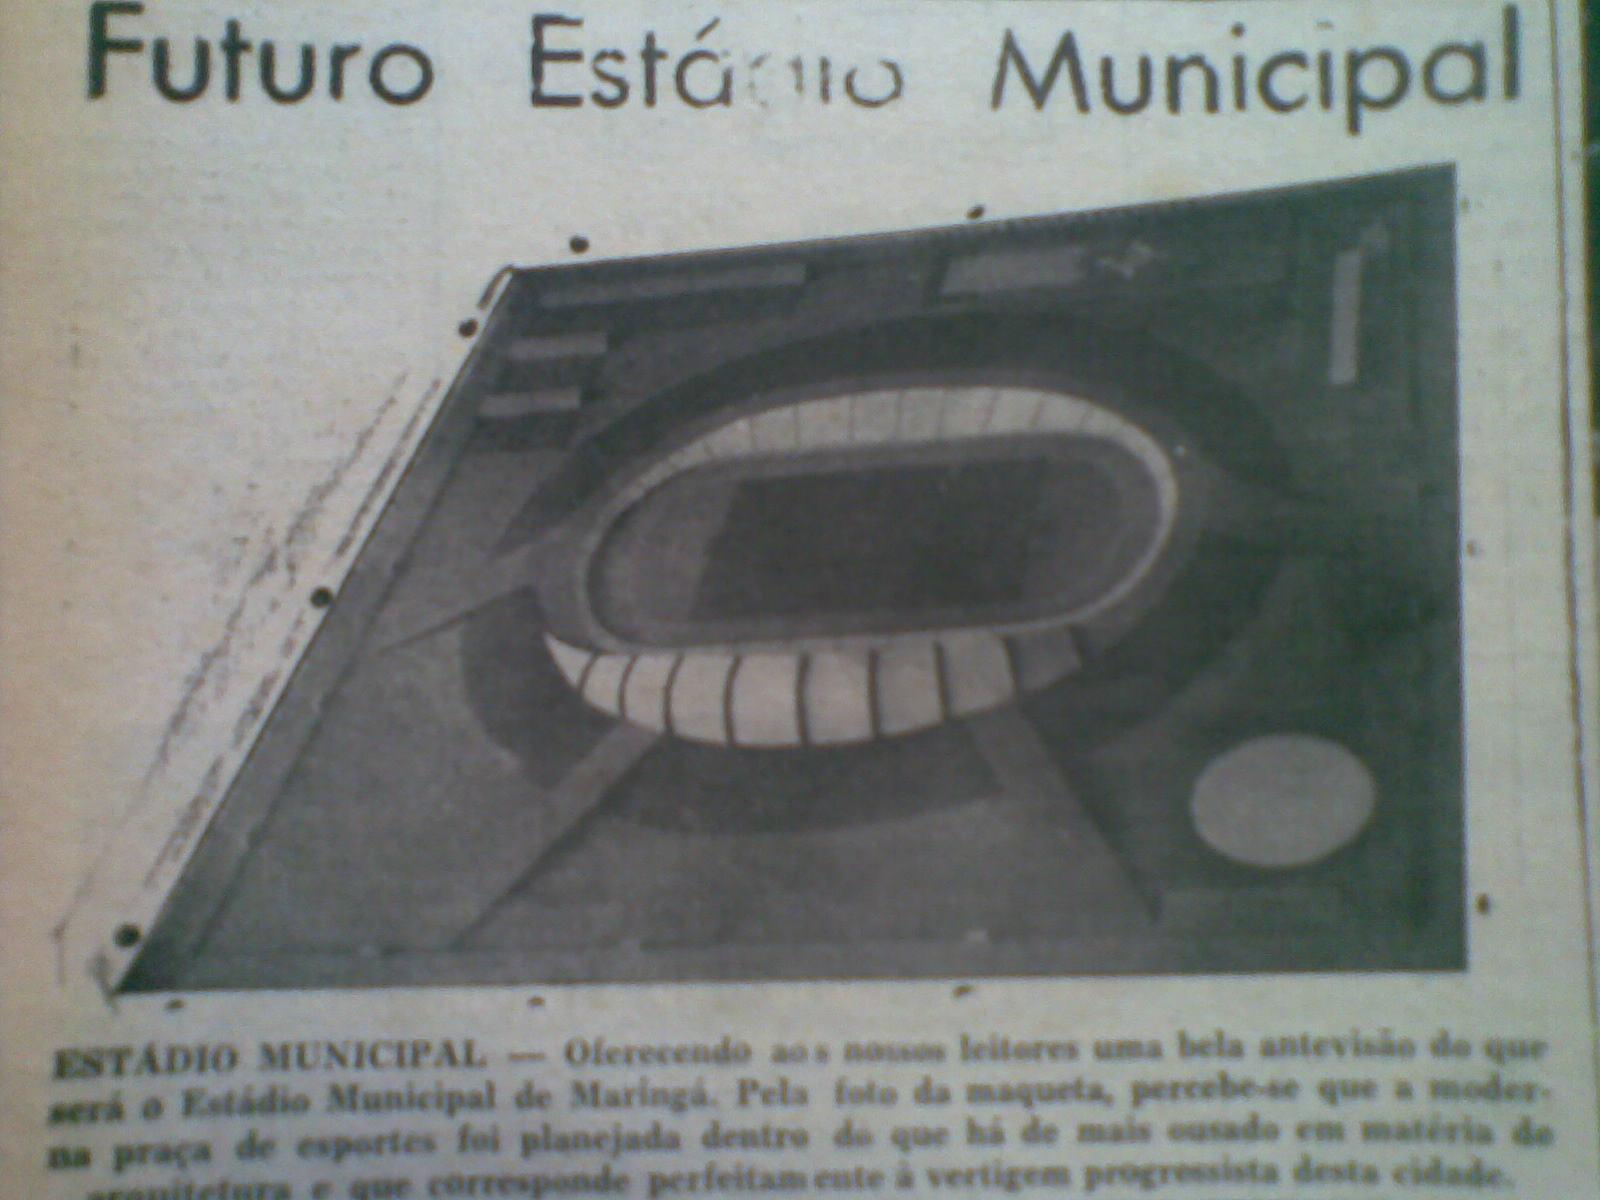 Projeto do Estádio Municipal Willie Davids em 1963